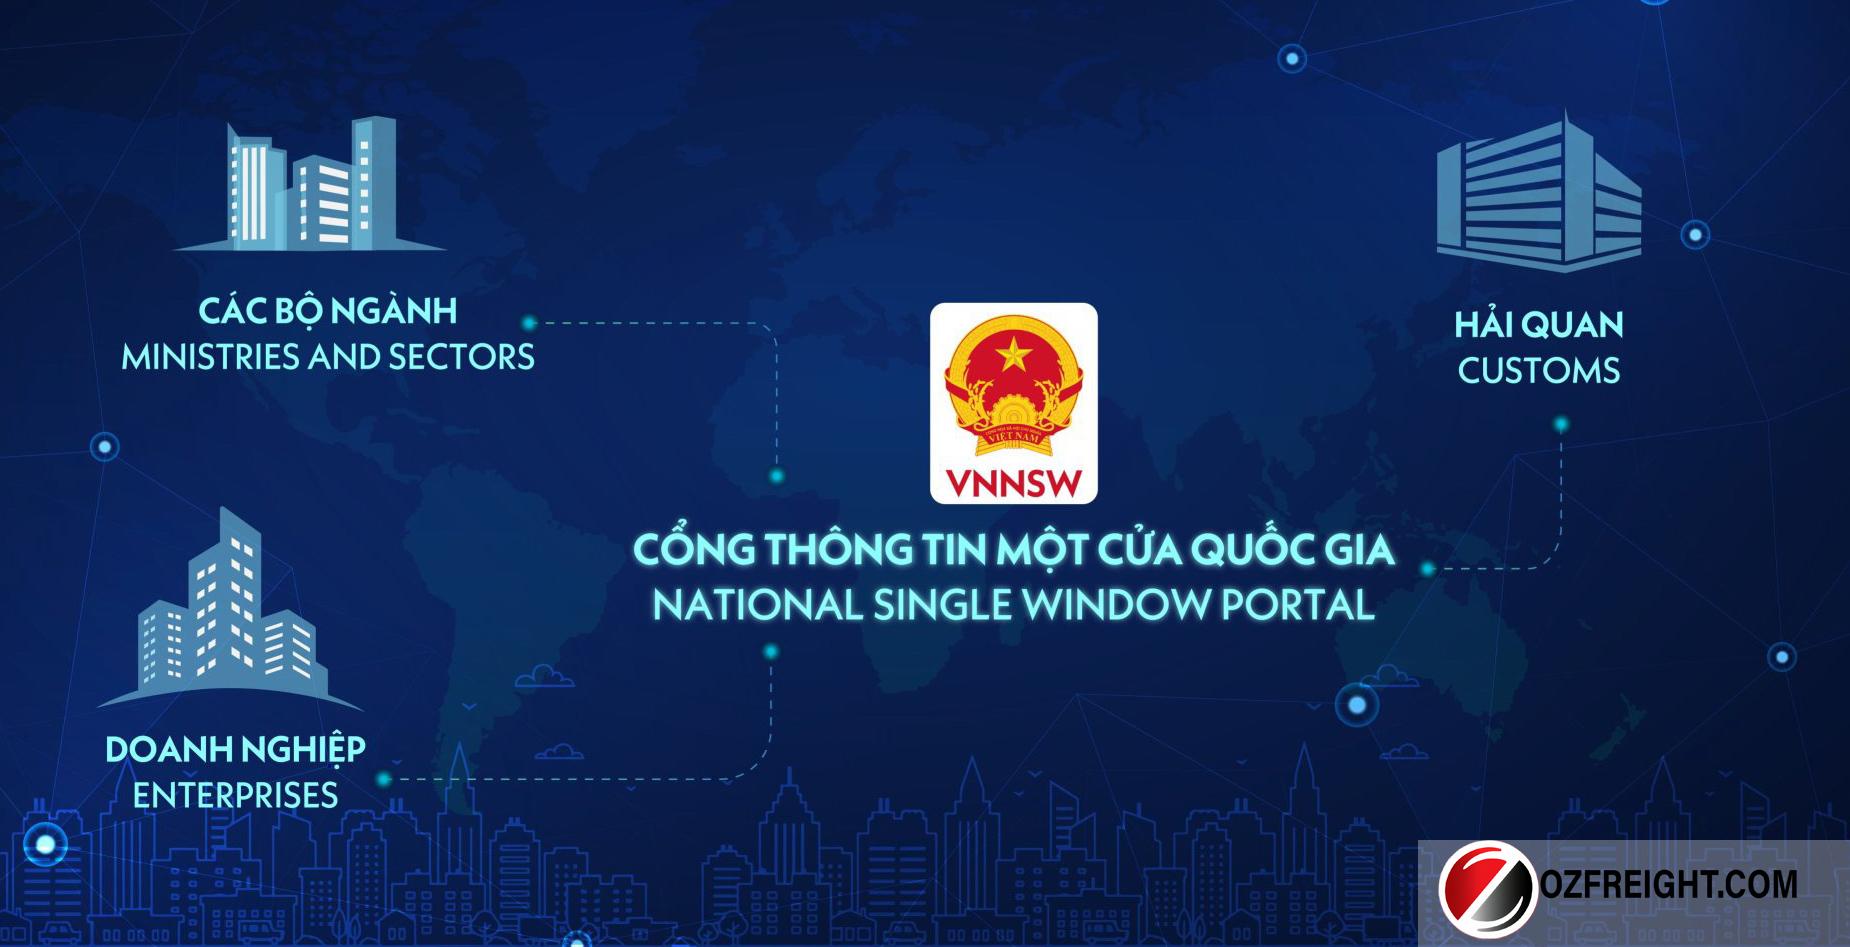 cổng thông tin một cửa quốc gia